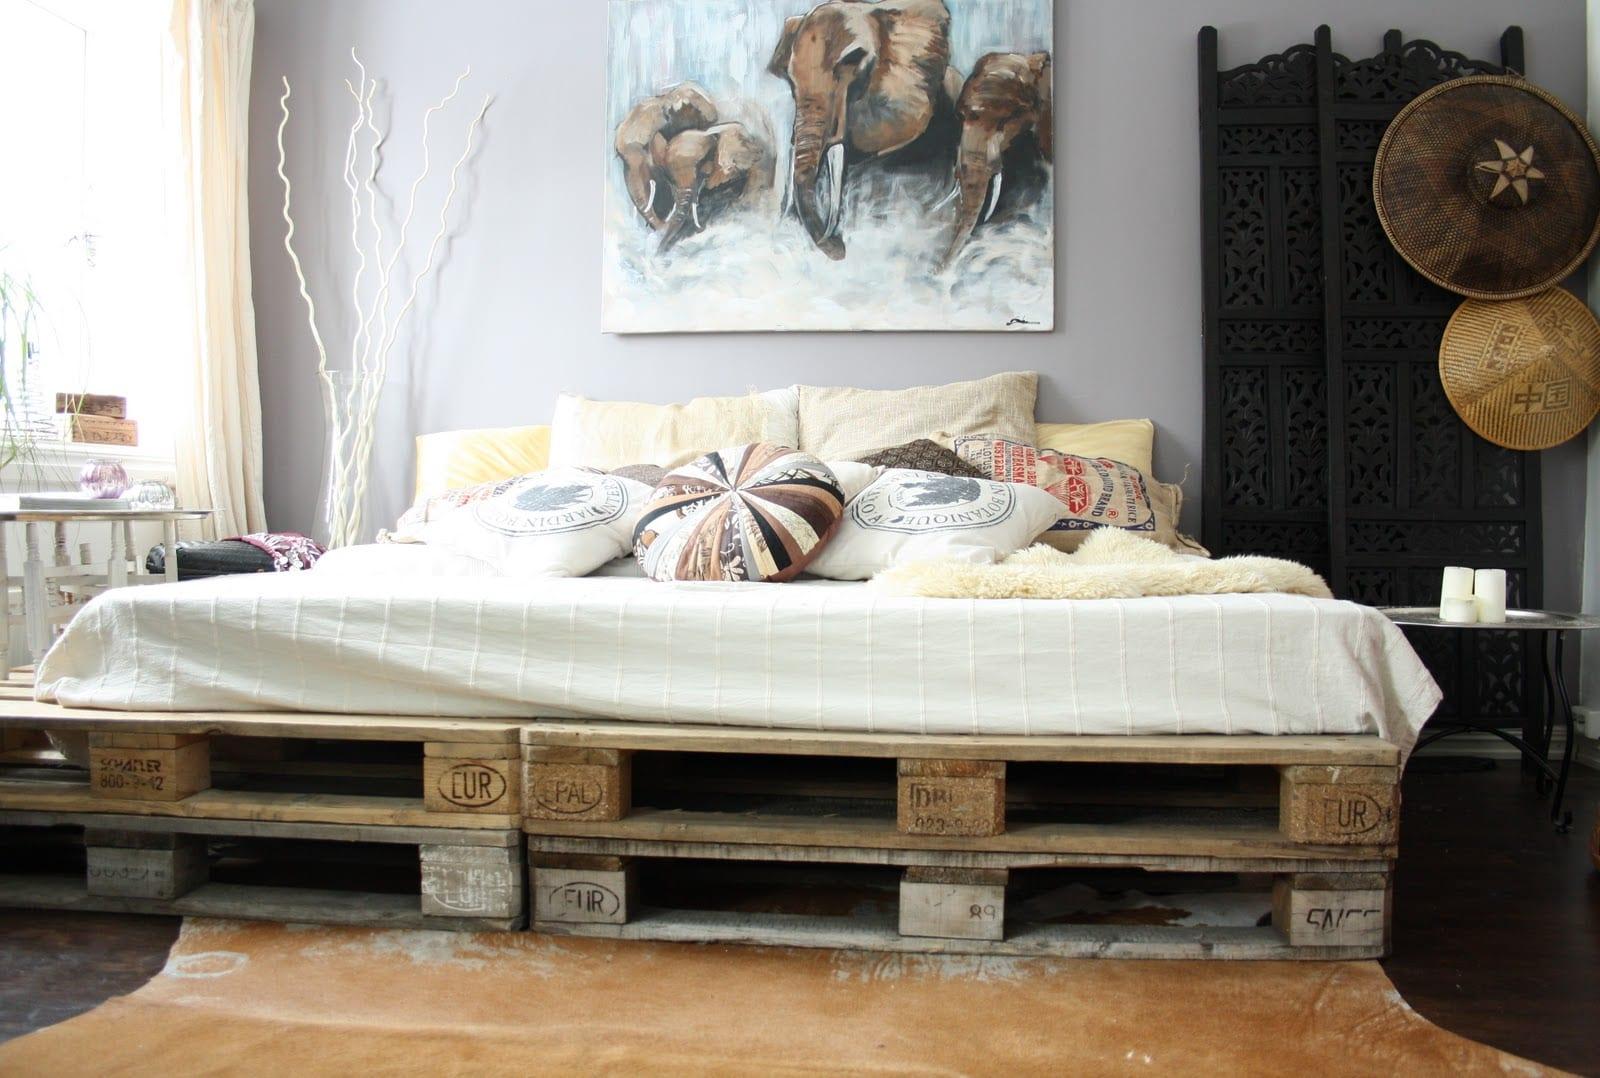 diy bett aus europaletten als coole wohnidee schlafzimmer - fresHouse